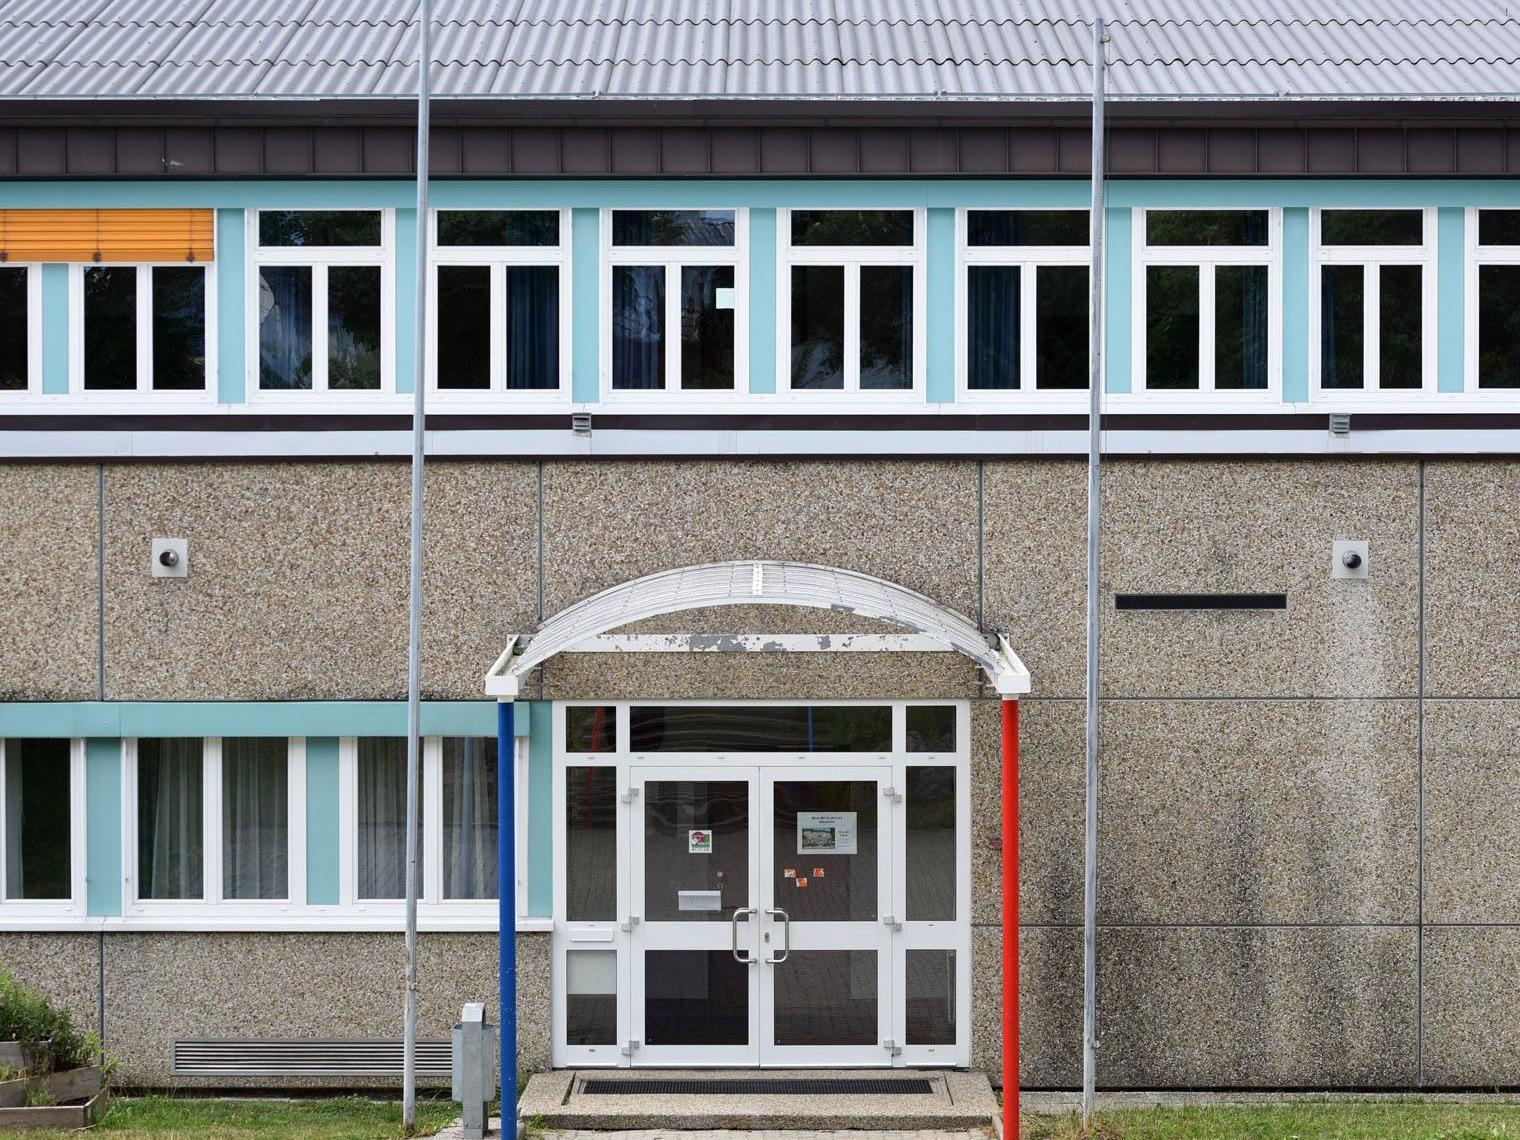 Ein 15-Jähriger soll einen Amoklauf an einer oberösterreichischen Schule (Bild) geplant haben.